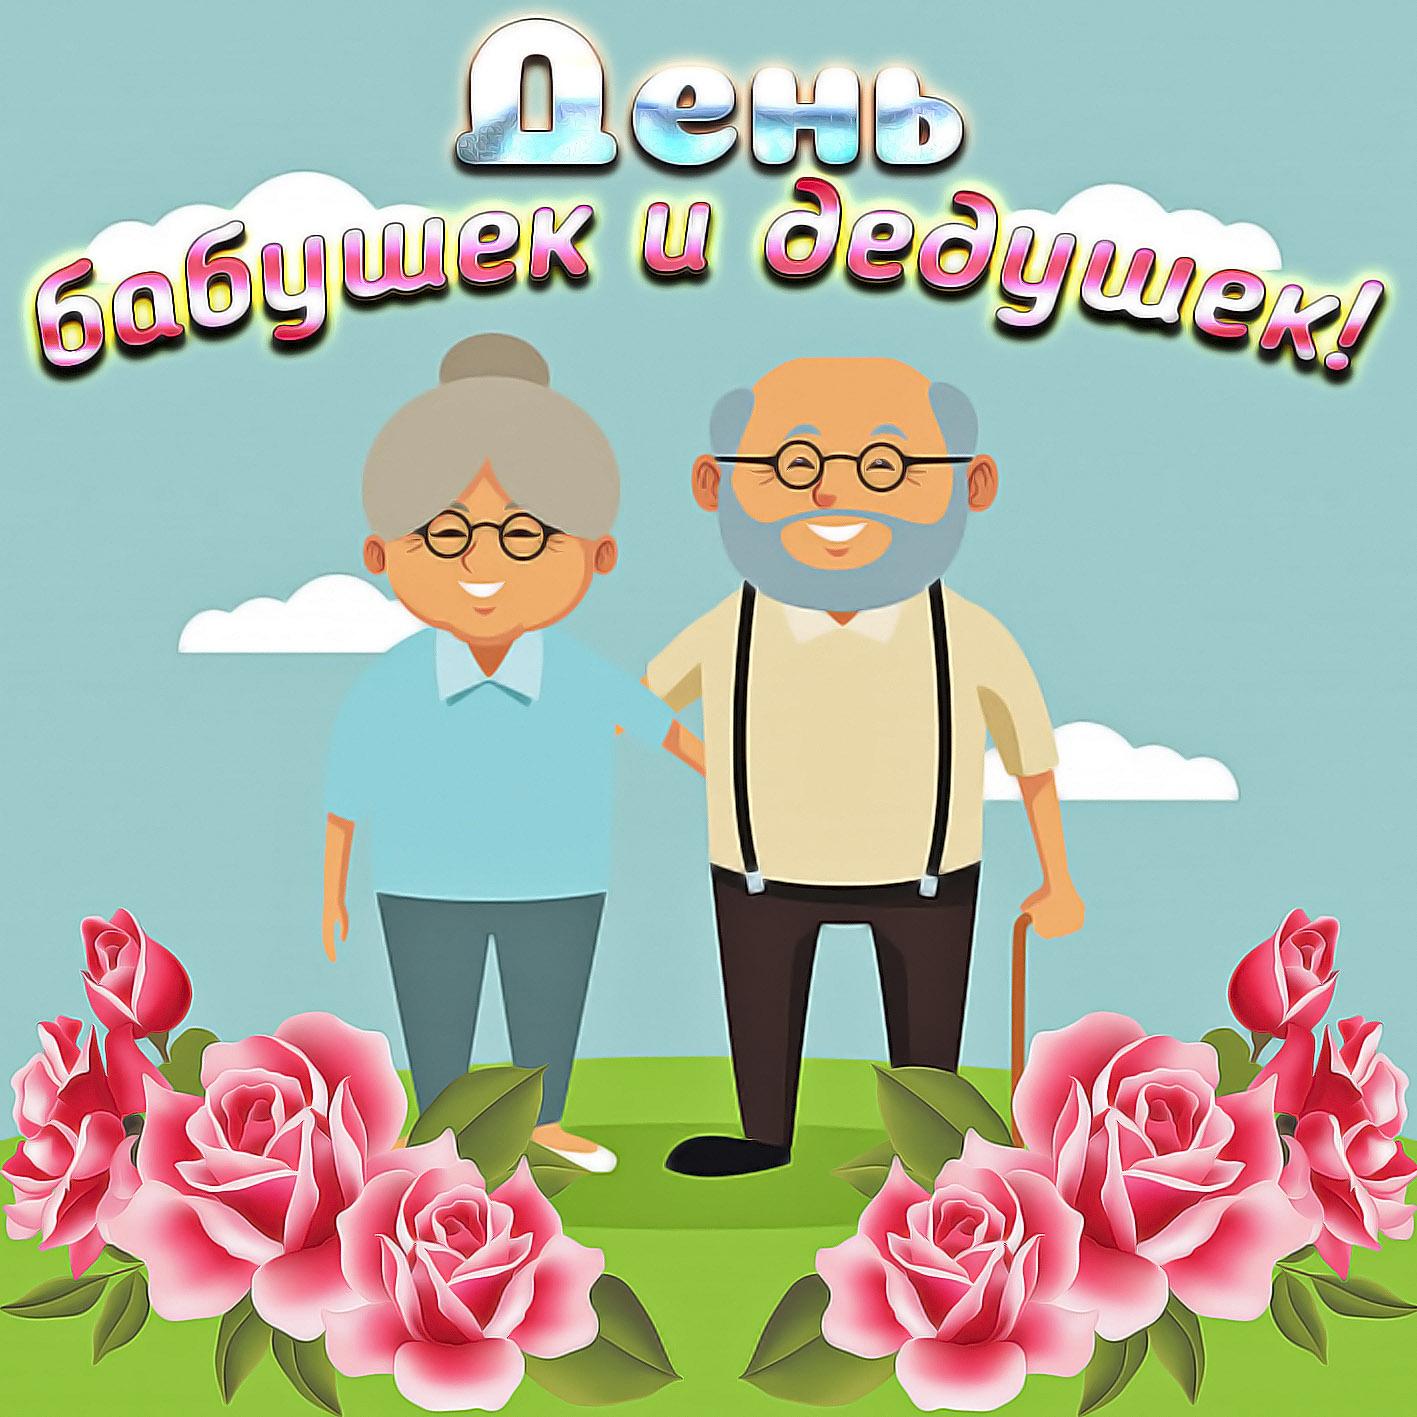 сеанс с днем пожилого человека открытка смешная скорую медицинскую